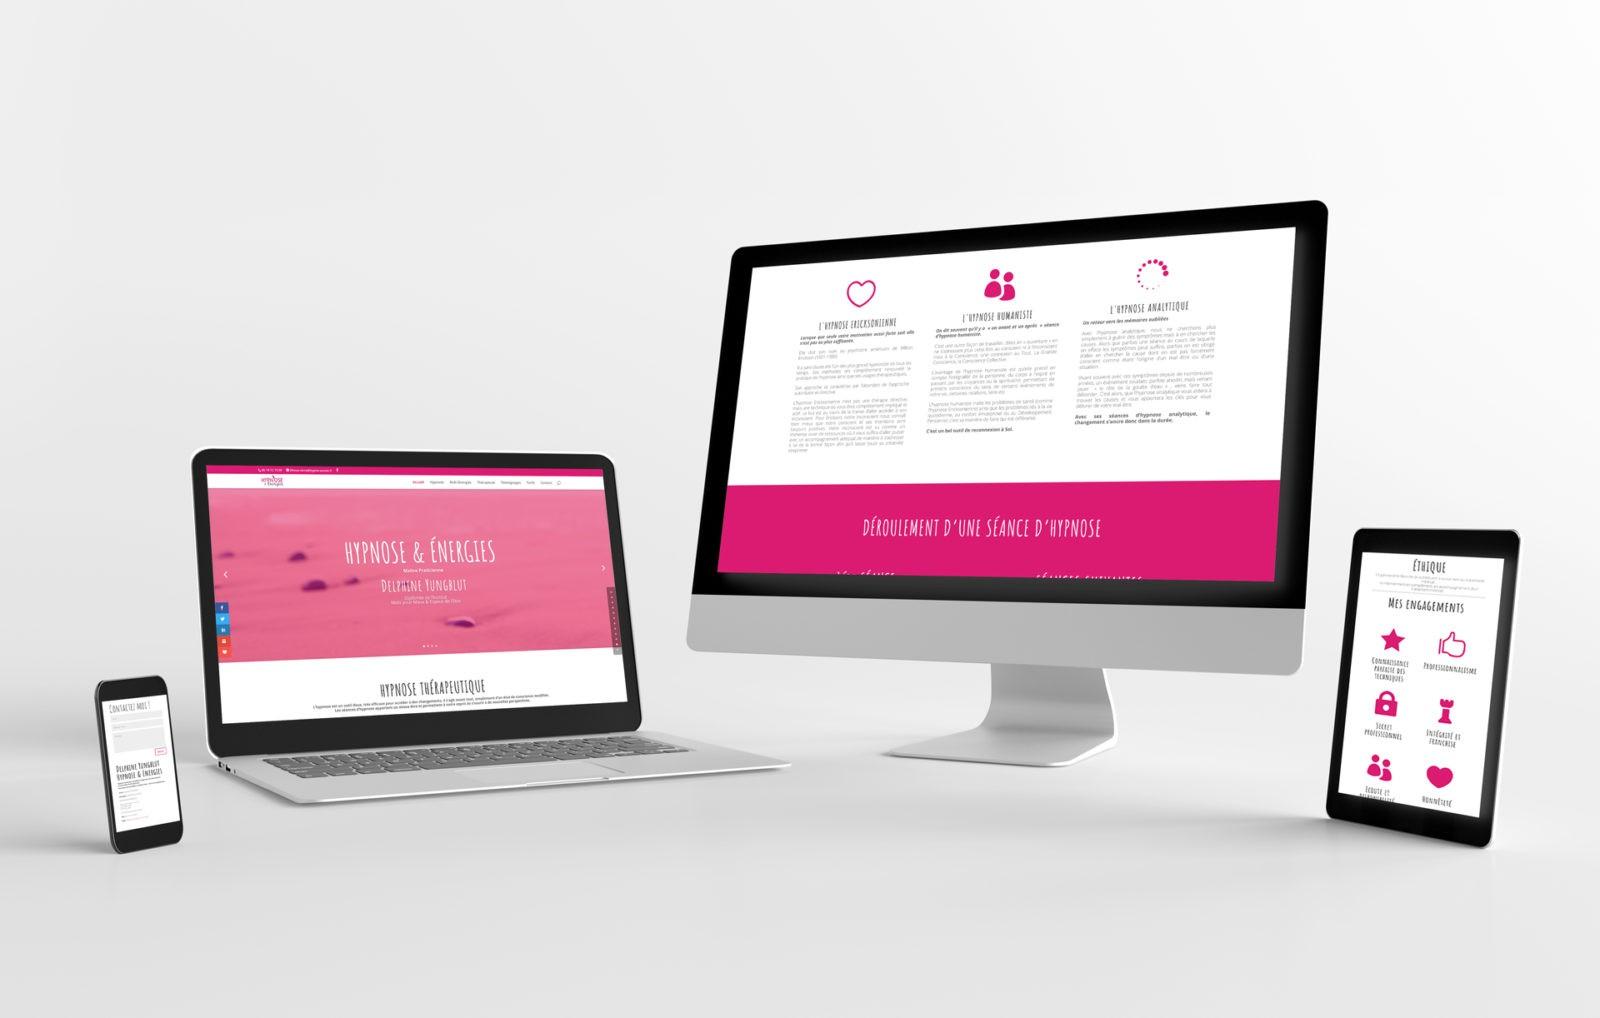 Création de site internet pour thérapeute Hypnose & Energie en Savoie